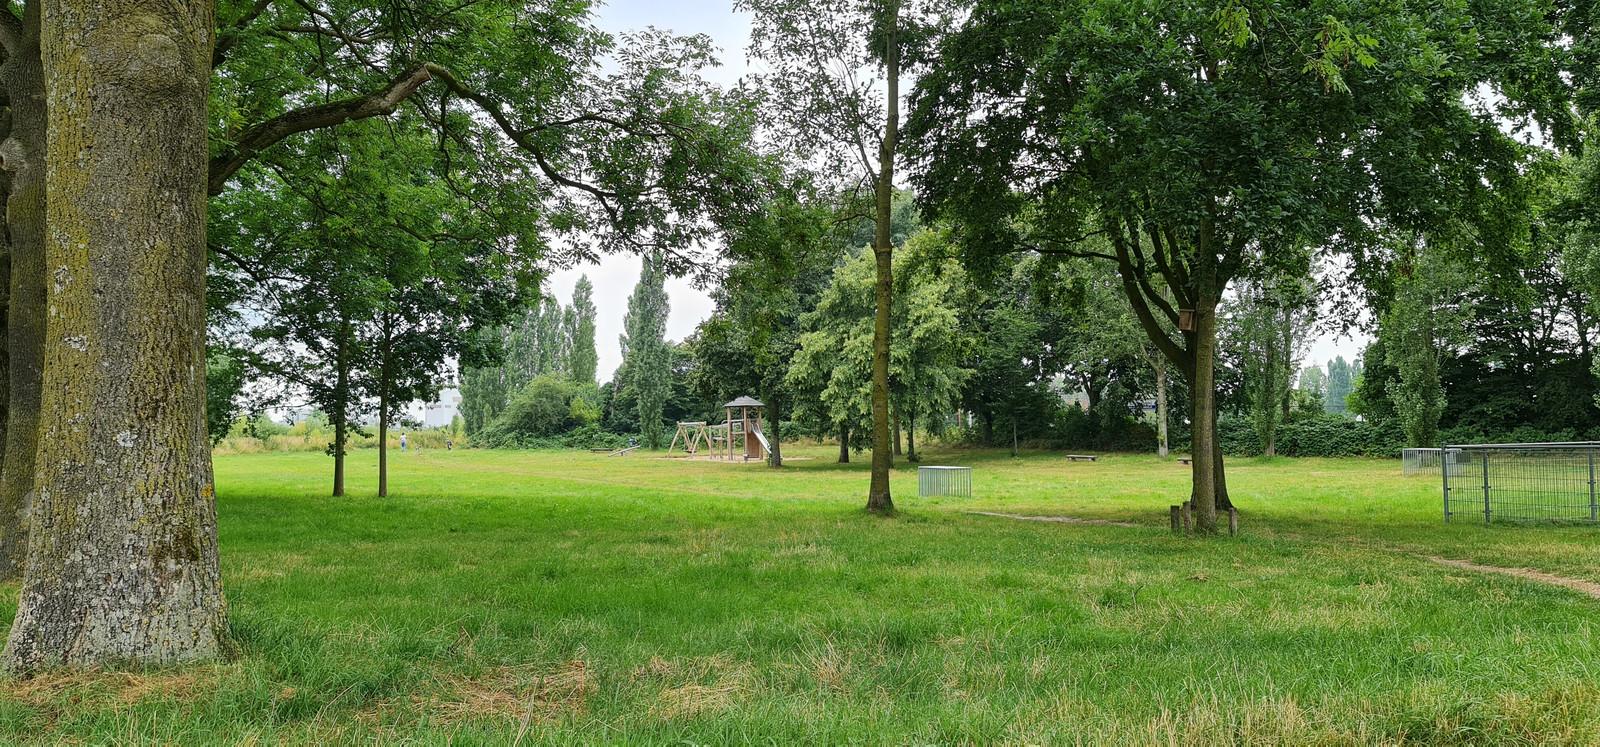 In dit park dat grenst aan de Bredestraat en de Oscar Carréstraat is maandagavond een 25-jarige vrouw uit Nijmegen op gewelddadige wijze beroofd. De dader stal haar tas en probeerde haar vervolgens te wurgen.